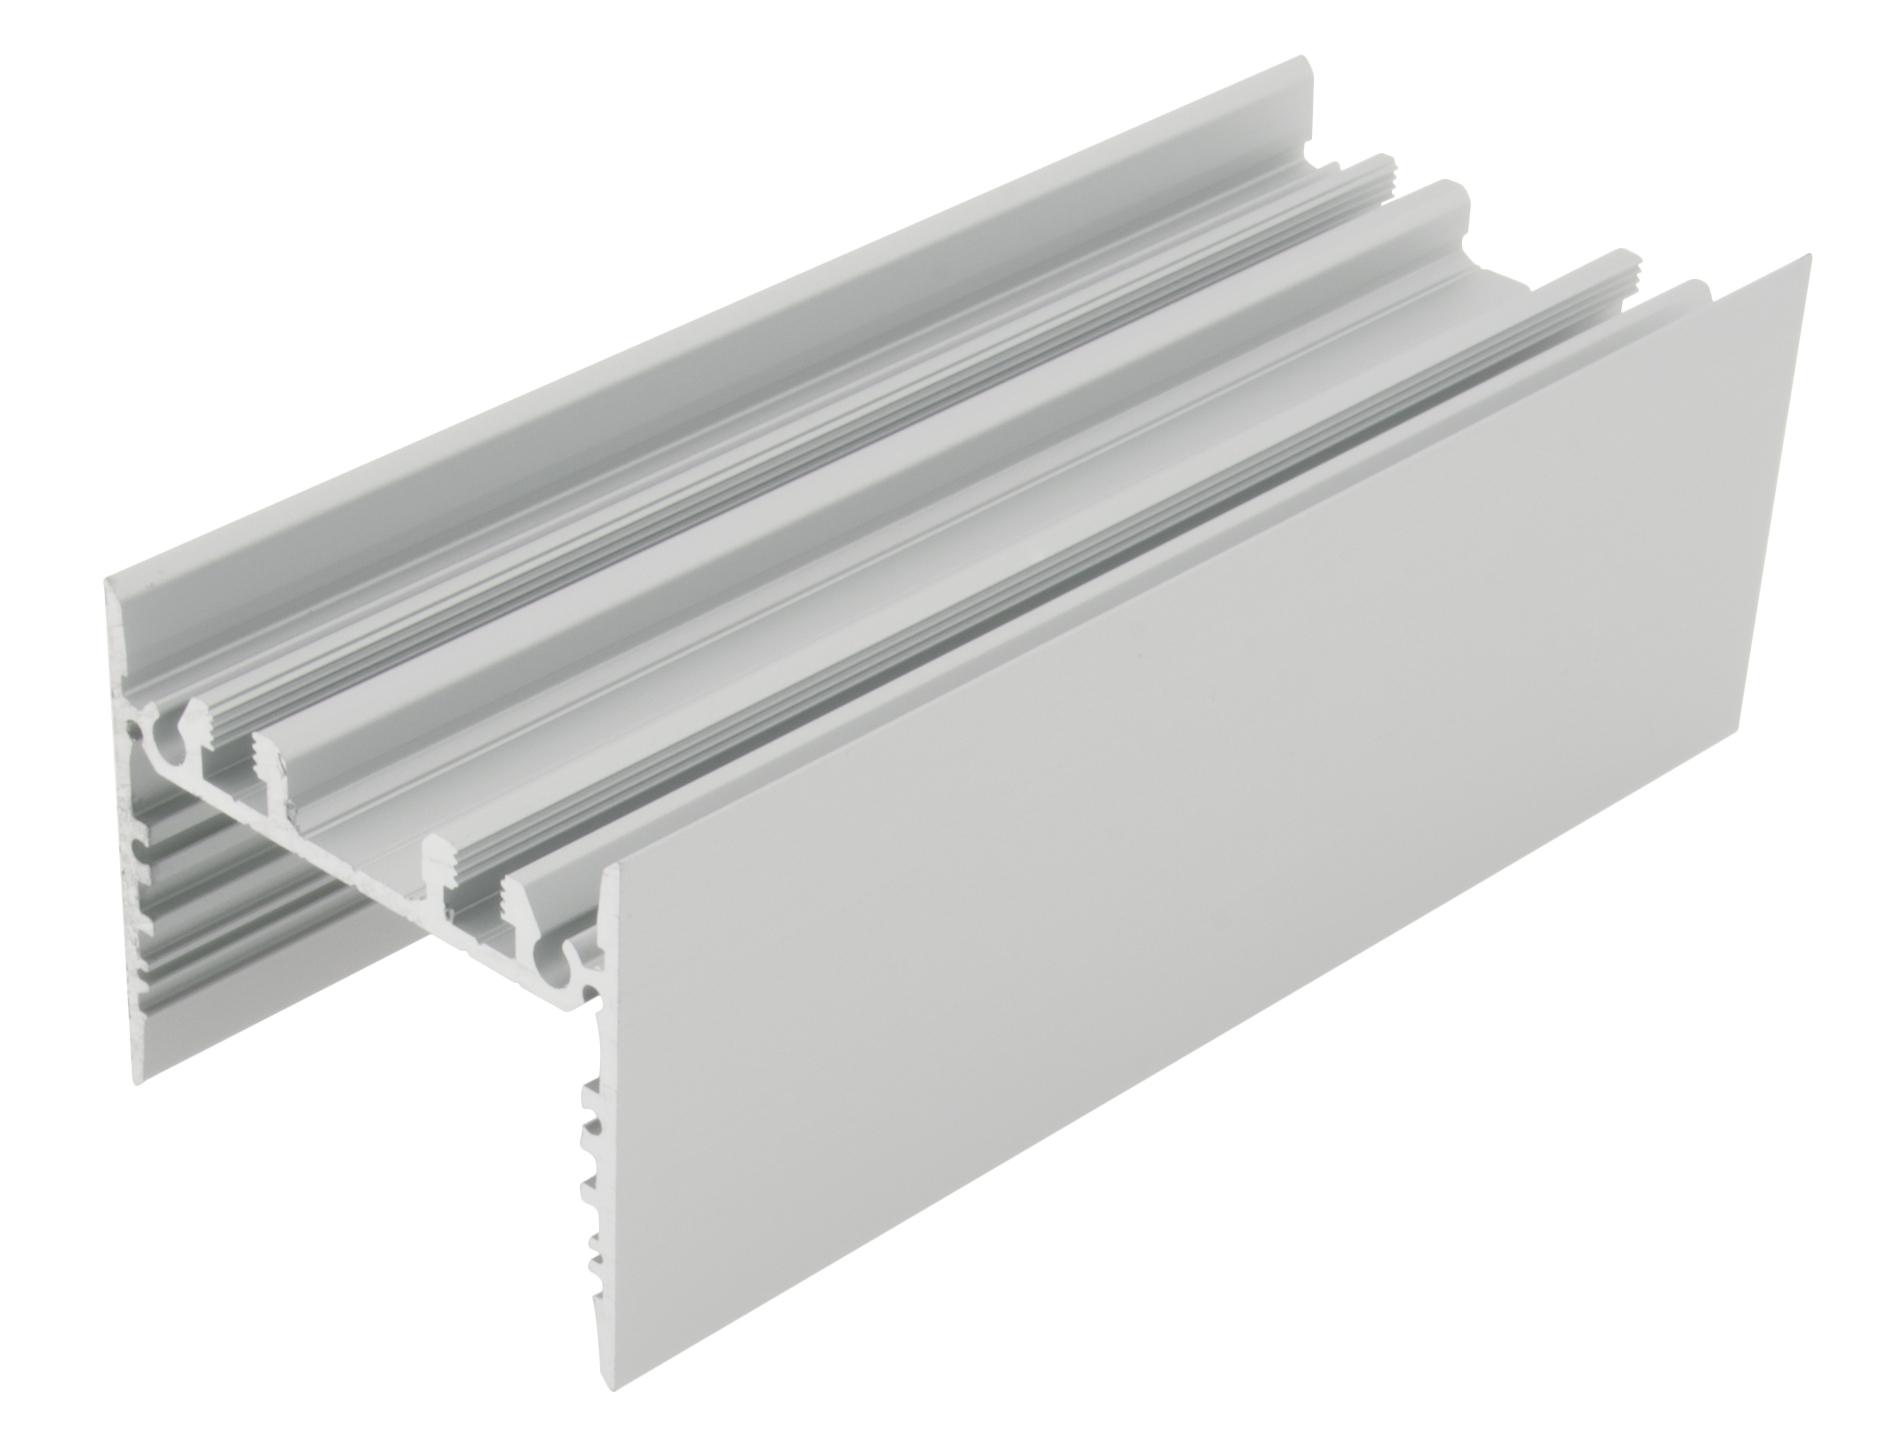 1 m Aluminiumprofil SLR, L-2000mm B-60mm H-50mm LIAP003001